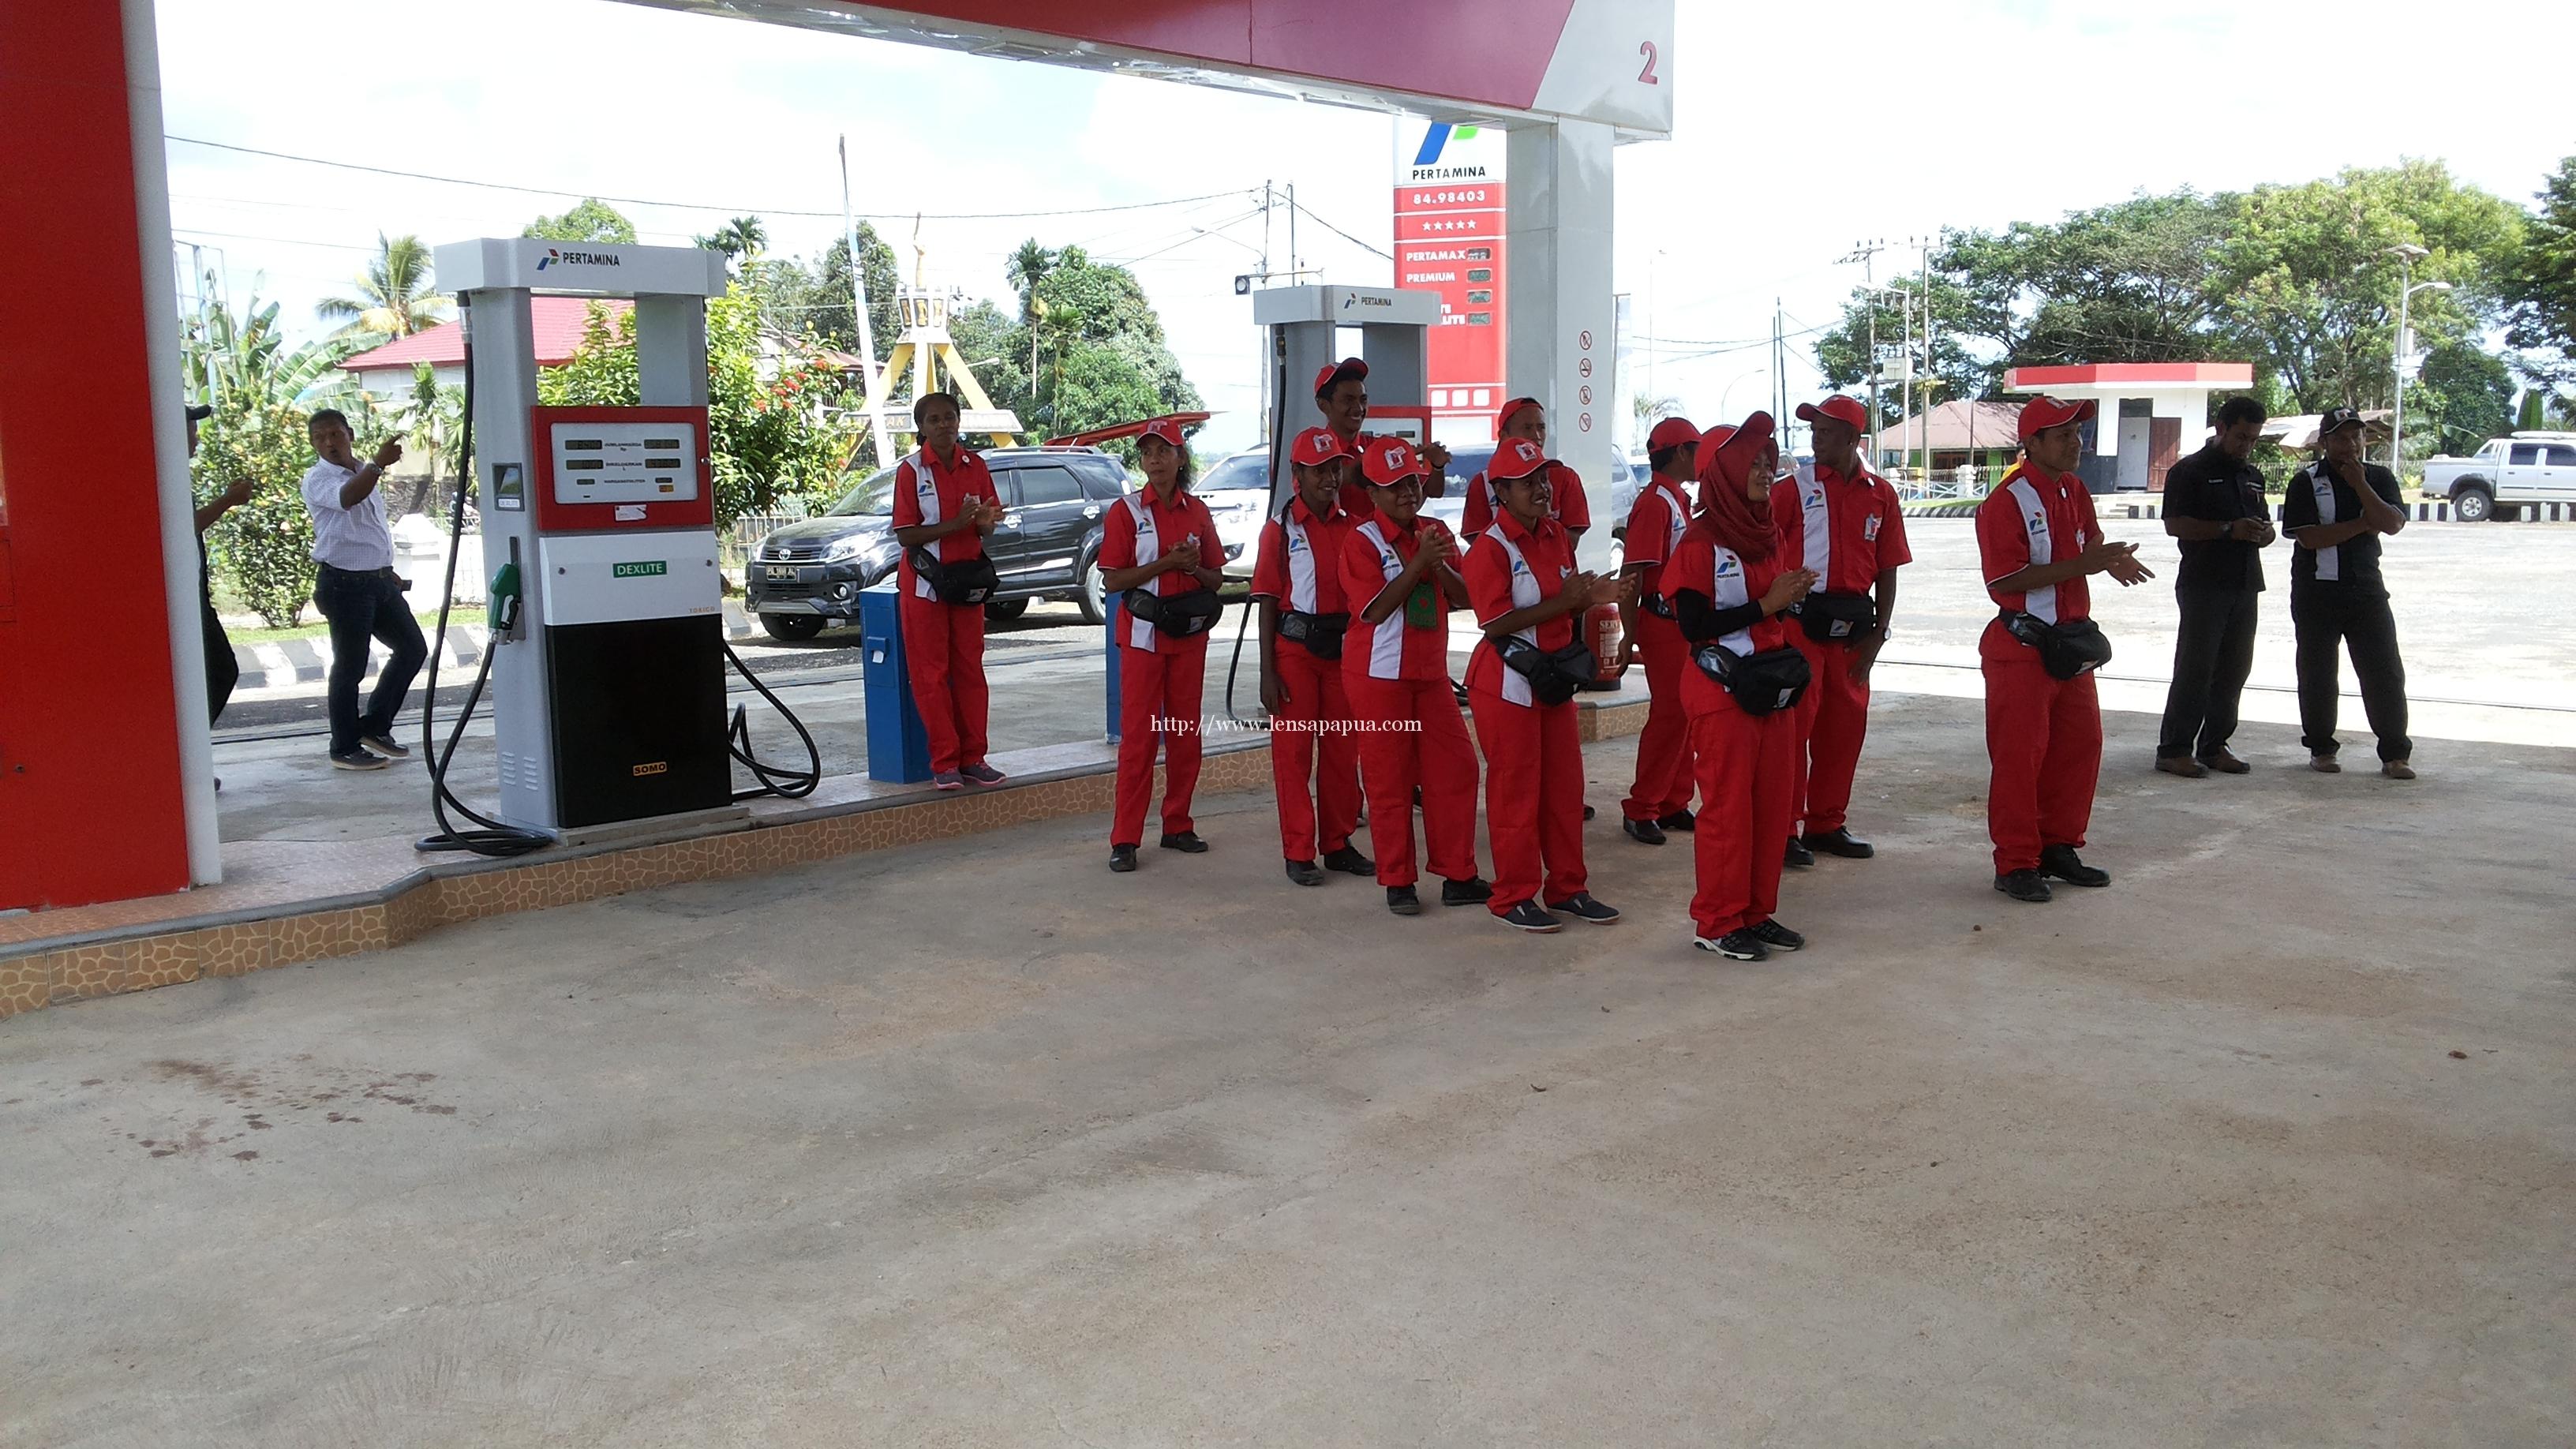 Petugas SPBU KM. 18 siap melayani pelanggan. Dok/red